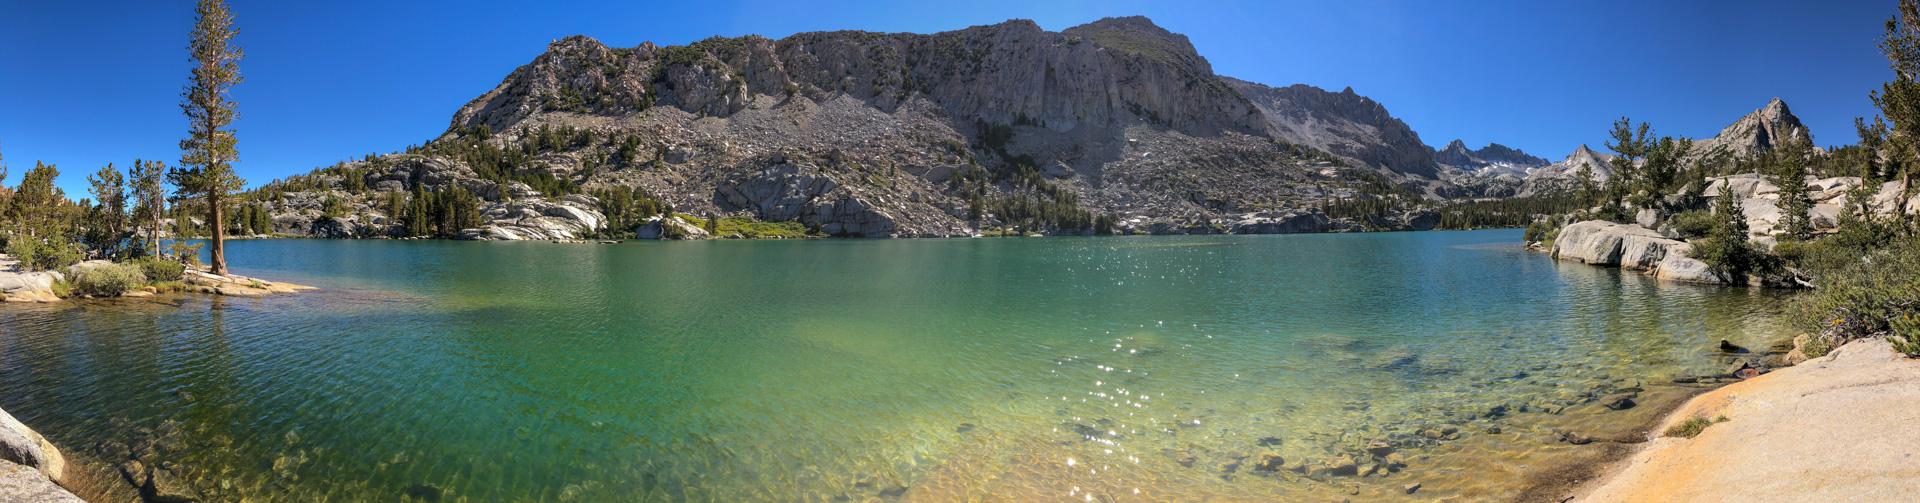 Shot of Blue Lake